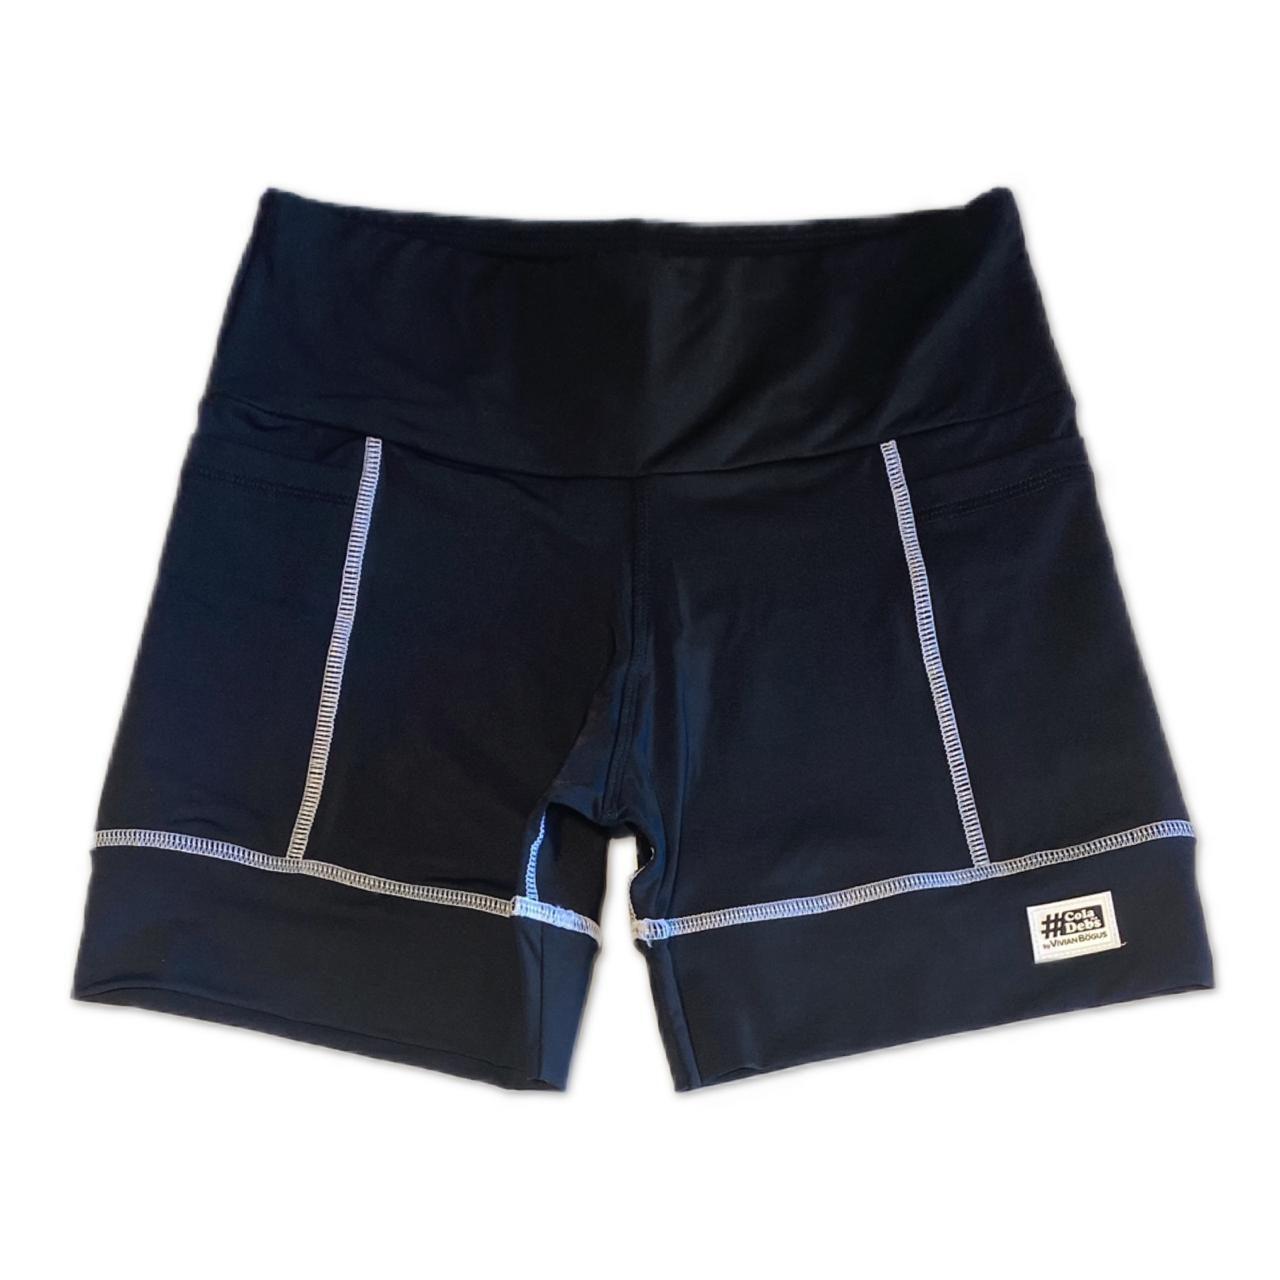 Shorts de compressão 2 bolsos Square em sportiva preto costura branca  - Vivian Bógus